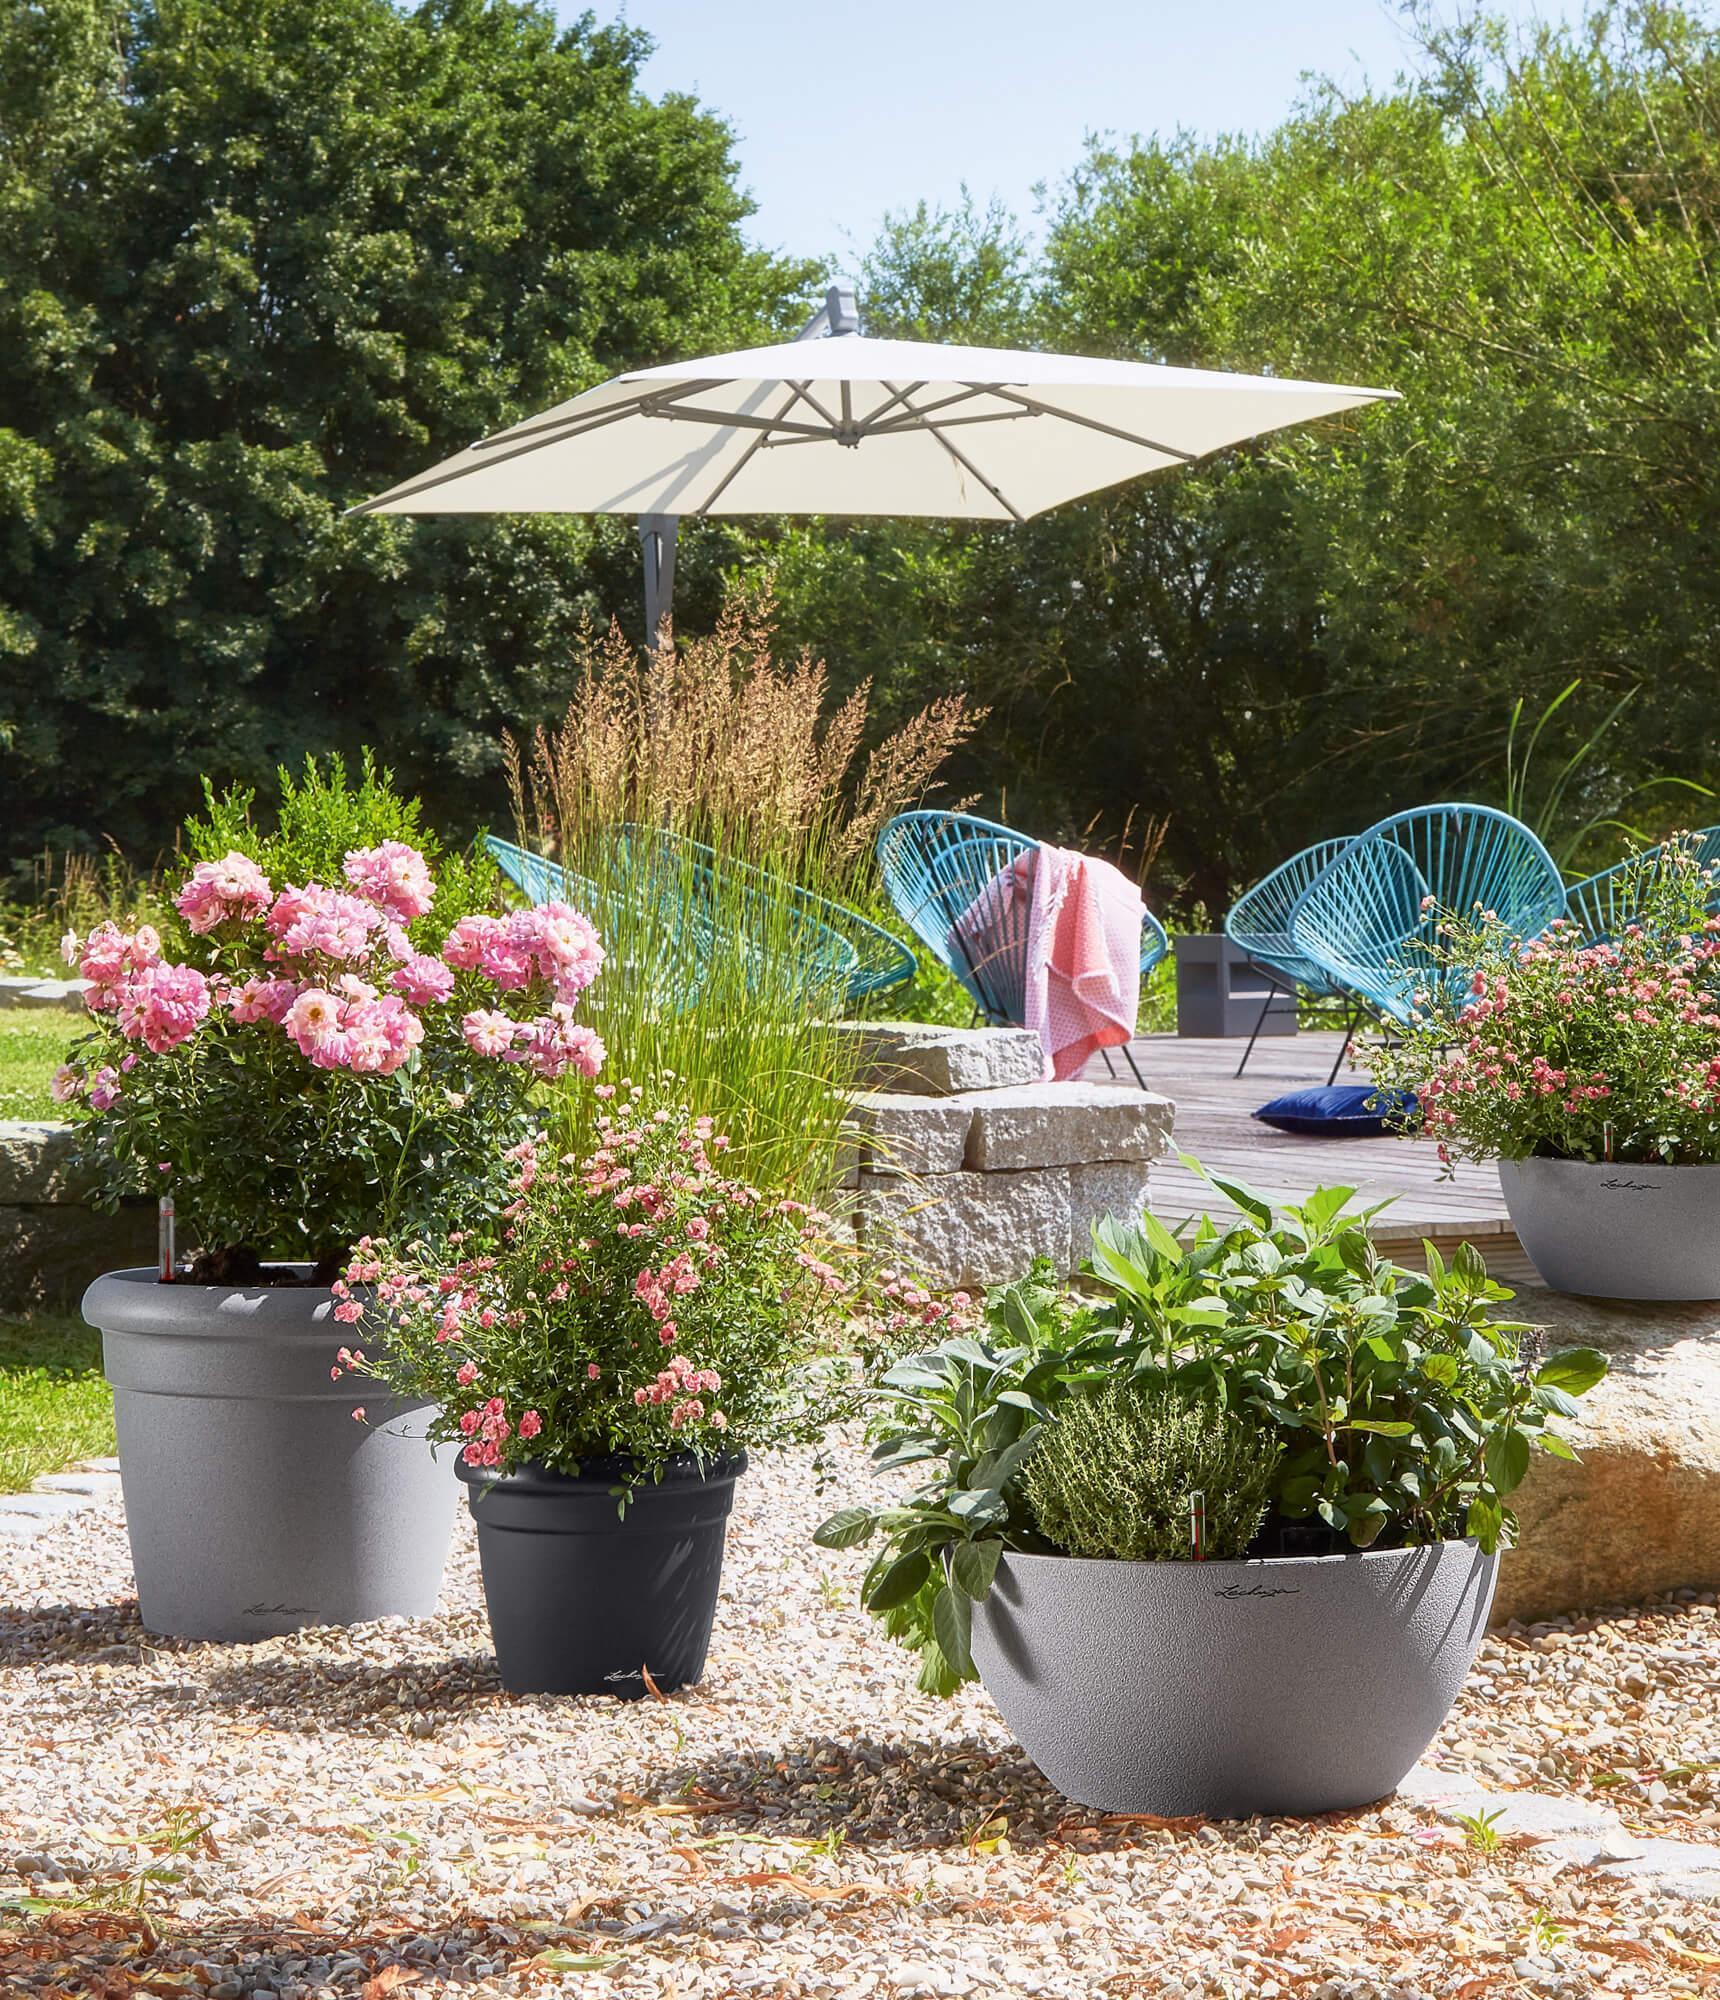 mediterranean RUSTICO Color and the bowl planter CUBETO Stone